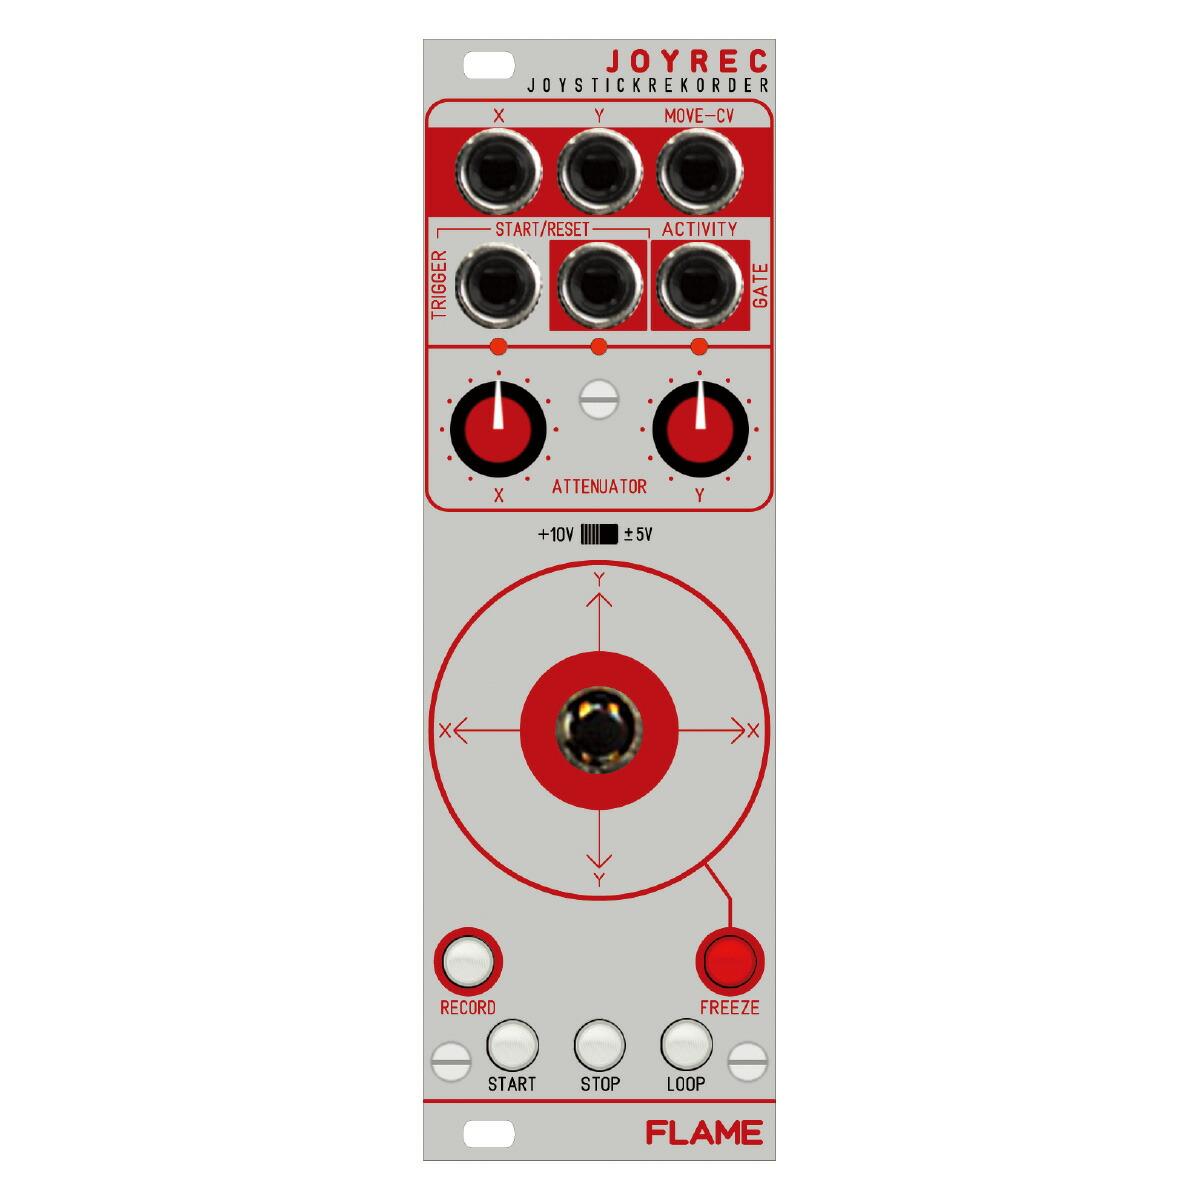 レコーディング機能を搭載したコンパクトなジョイスティック・モジュール FLAME JOYREC -Joystick Rekorder-【送料無料】